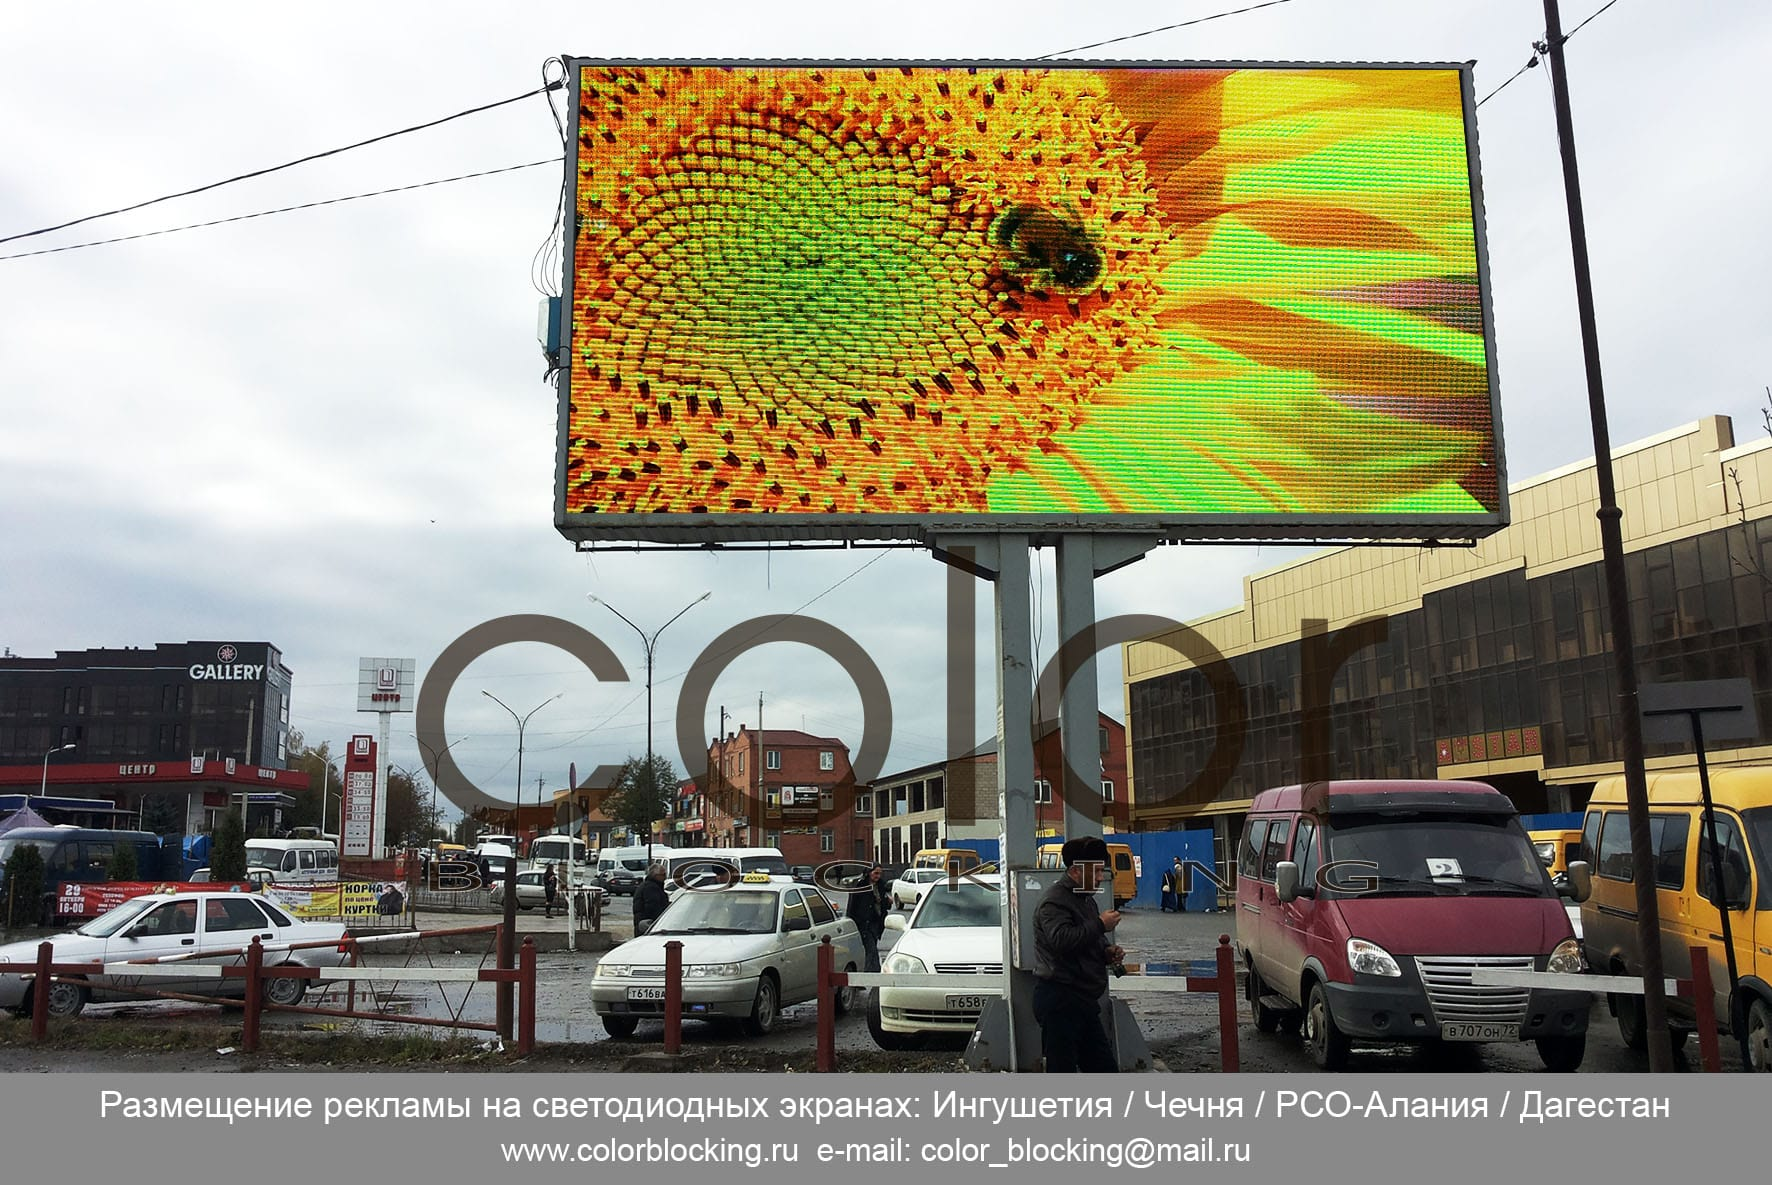 Размещение рекламы на светодиодных экранах в Ингушетии LED